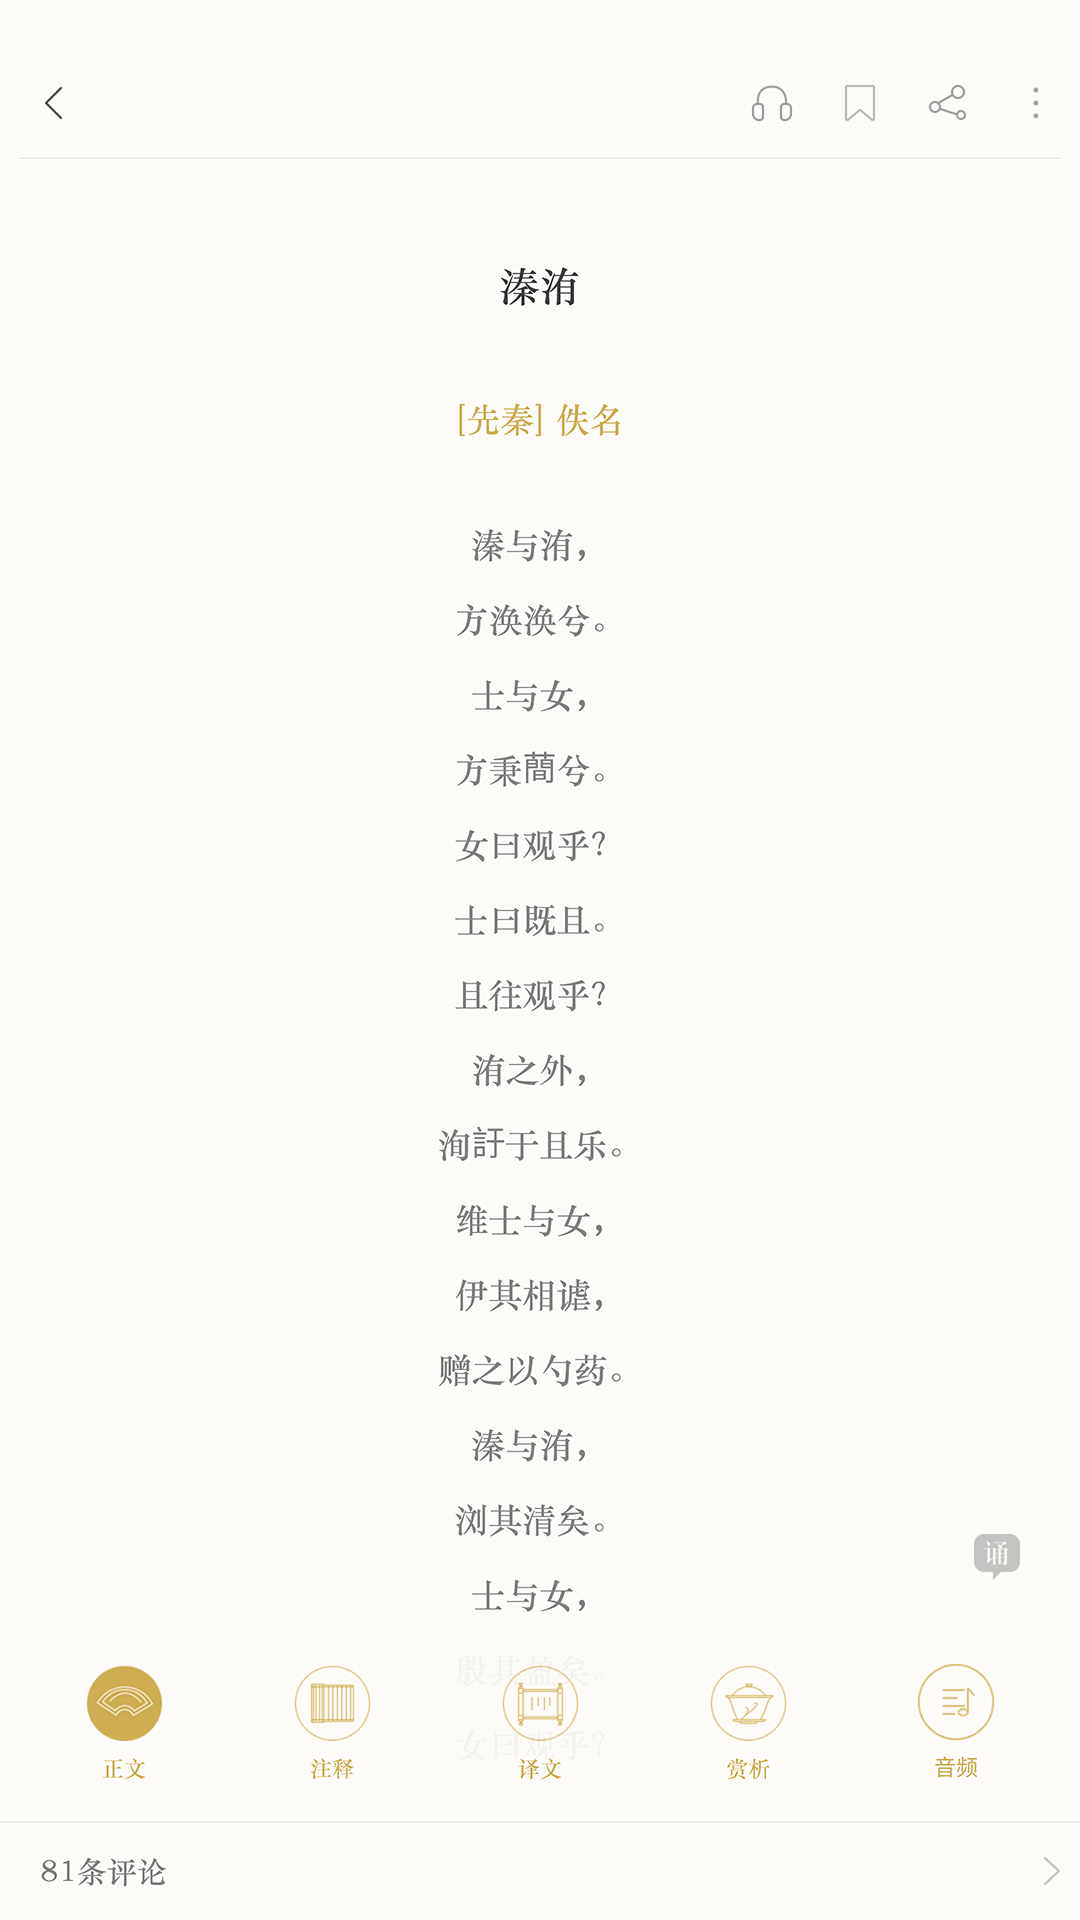 古诗词典截图1